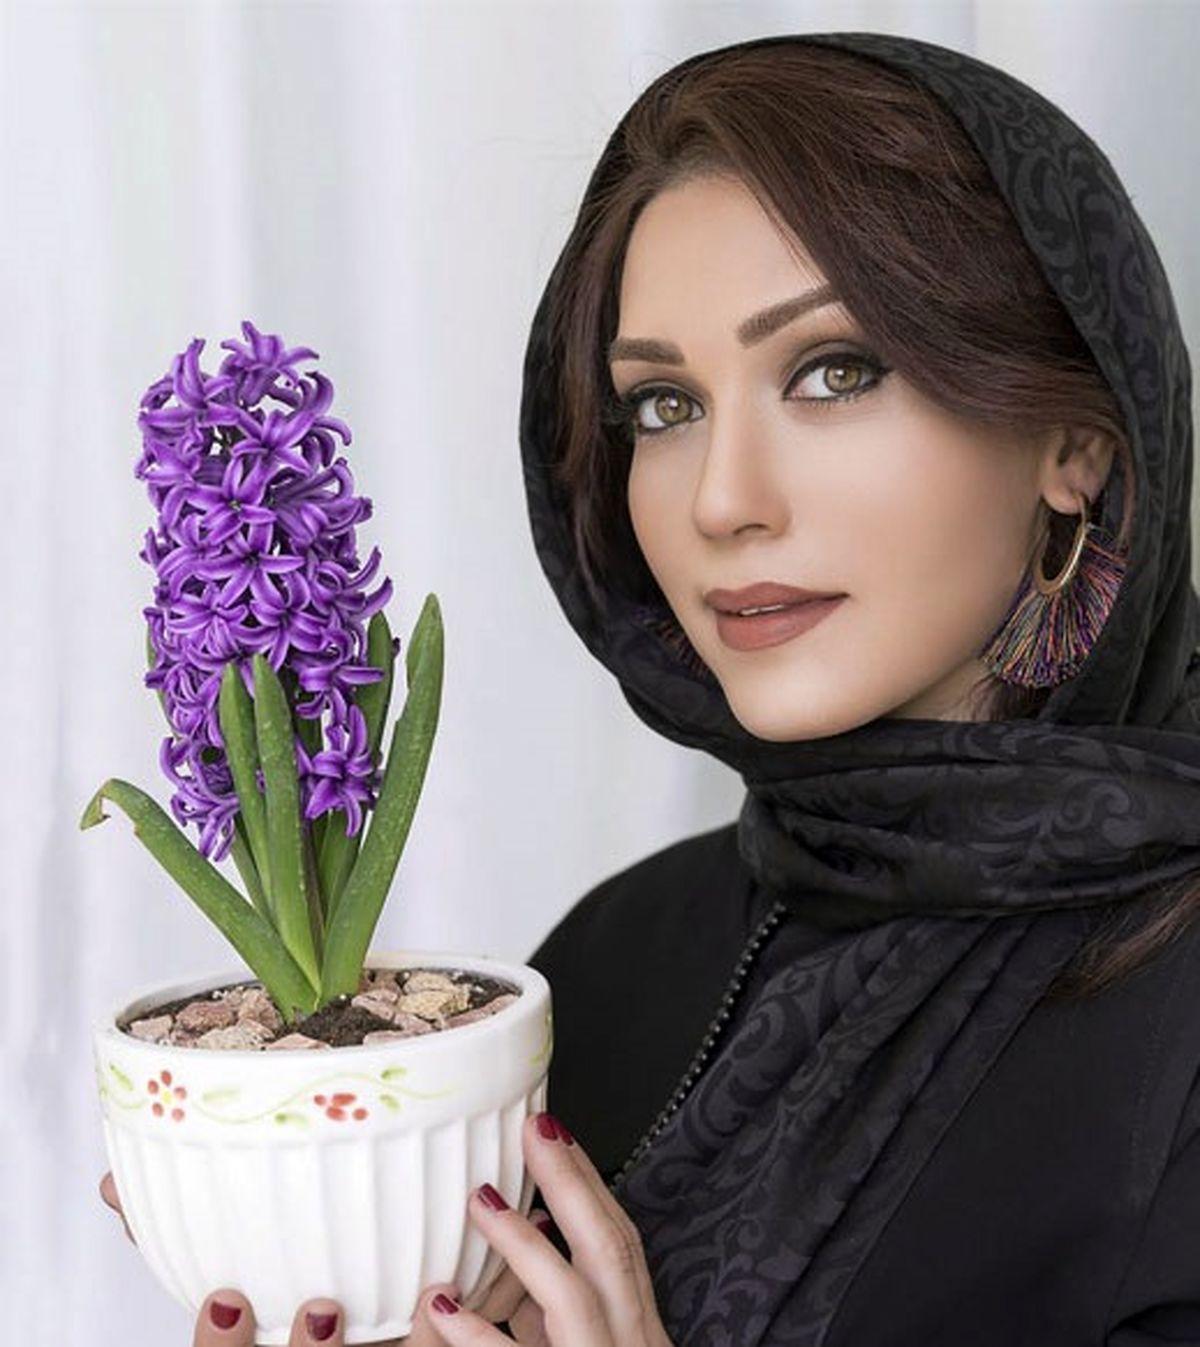 شهرزاد کمال زاده با کلاه وایکینگ ها + عکس